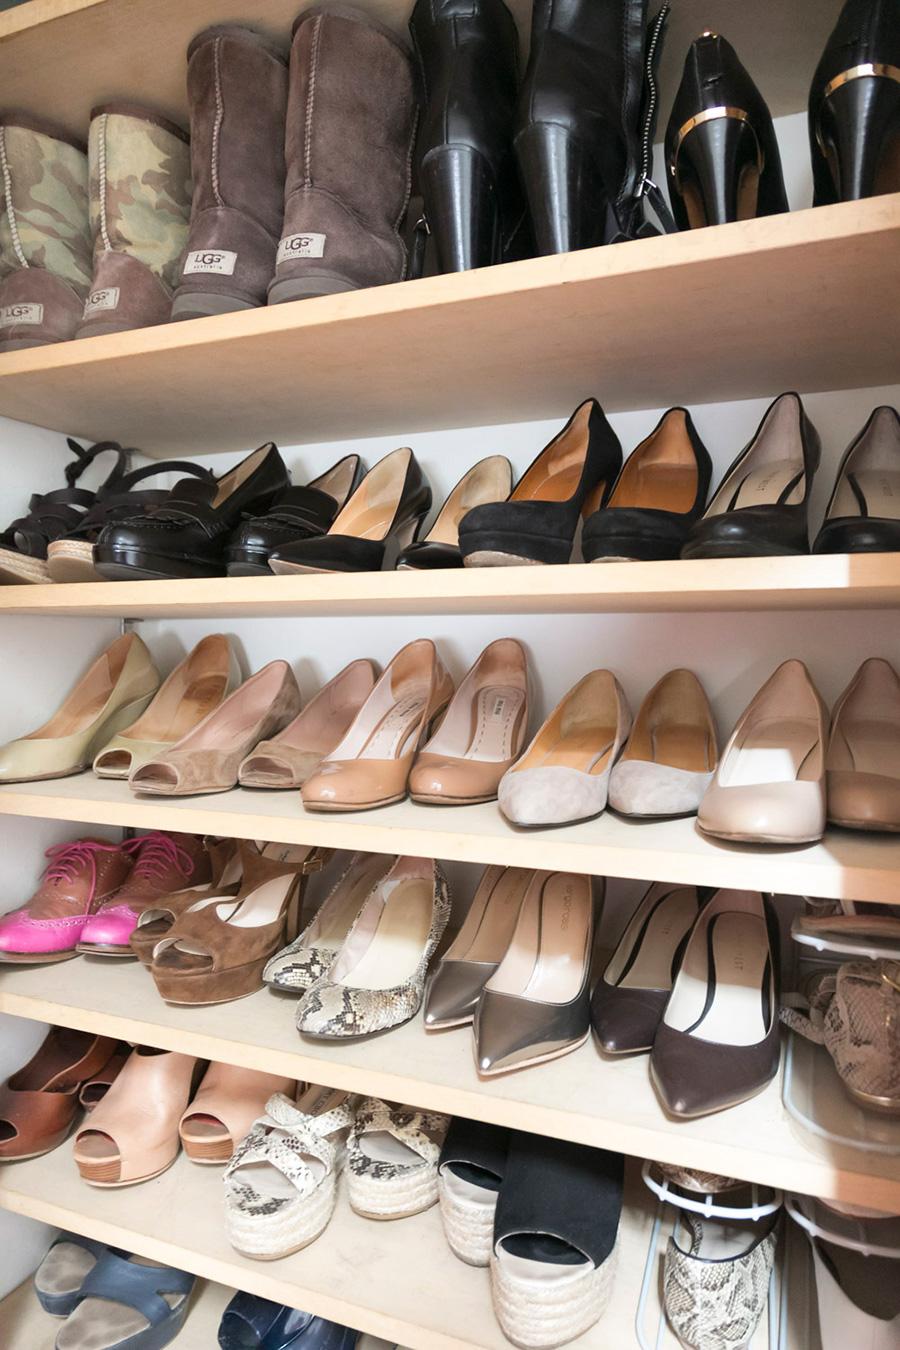 靴からその日のファッションを決めるというほど、靴が大好きな鈴木さん。シューズクローゼットは、片足ずつずらすことで収納力を高めている。つま先を前に向けているのは「私を選んで」という靴のアピールを感じるからなのだとか。